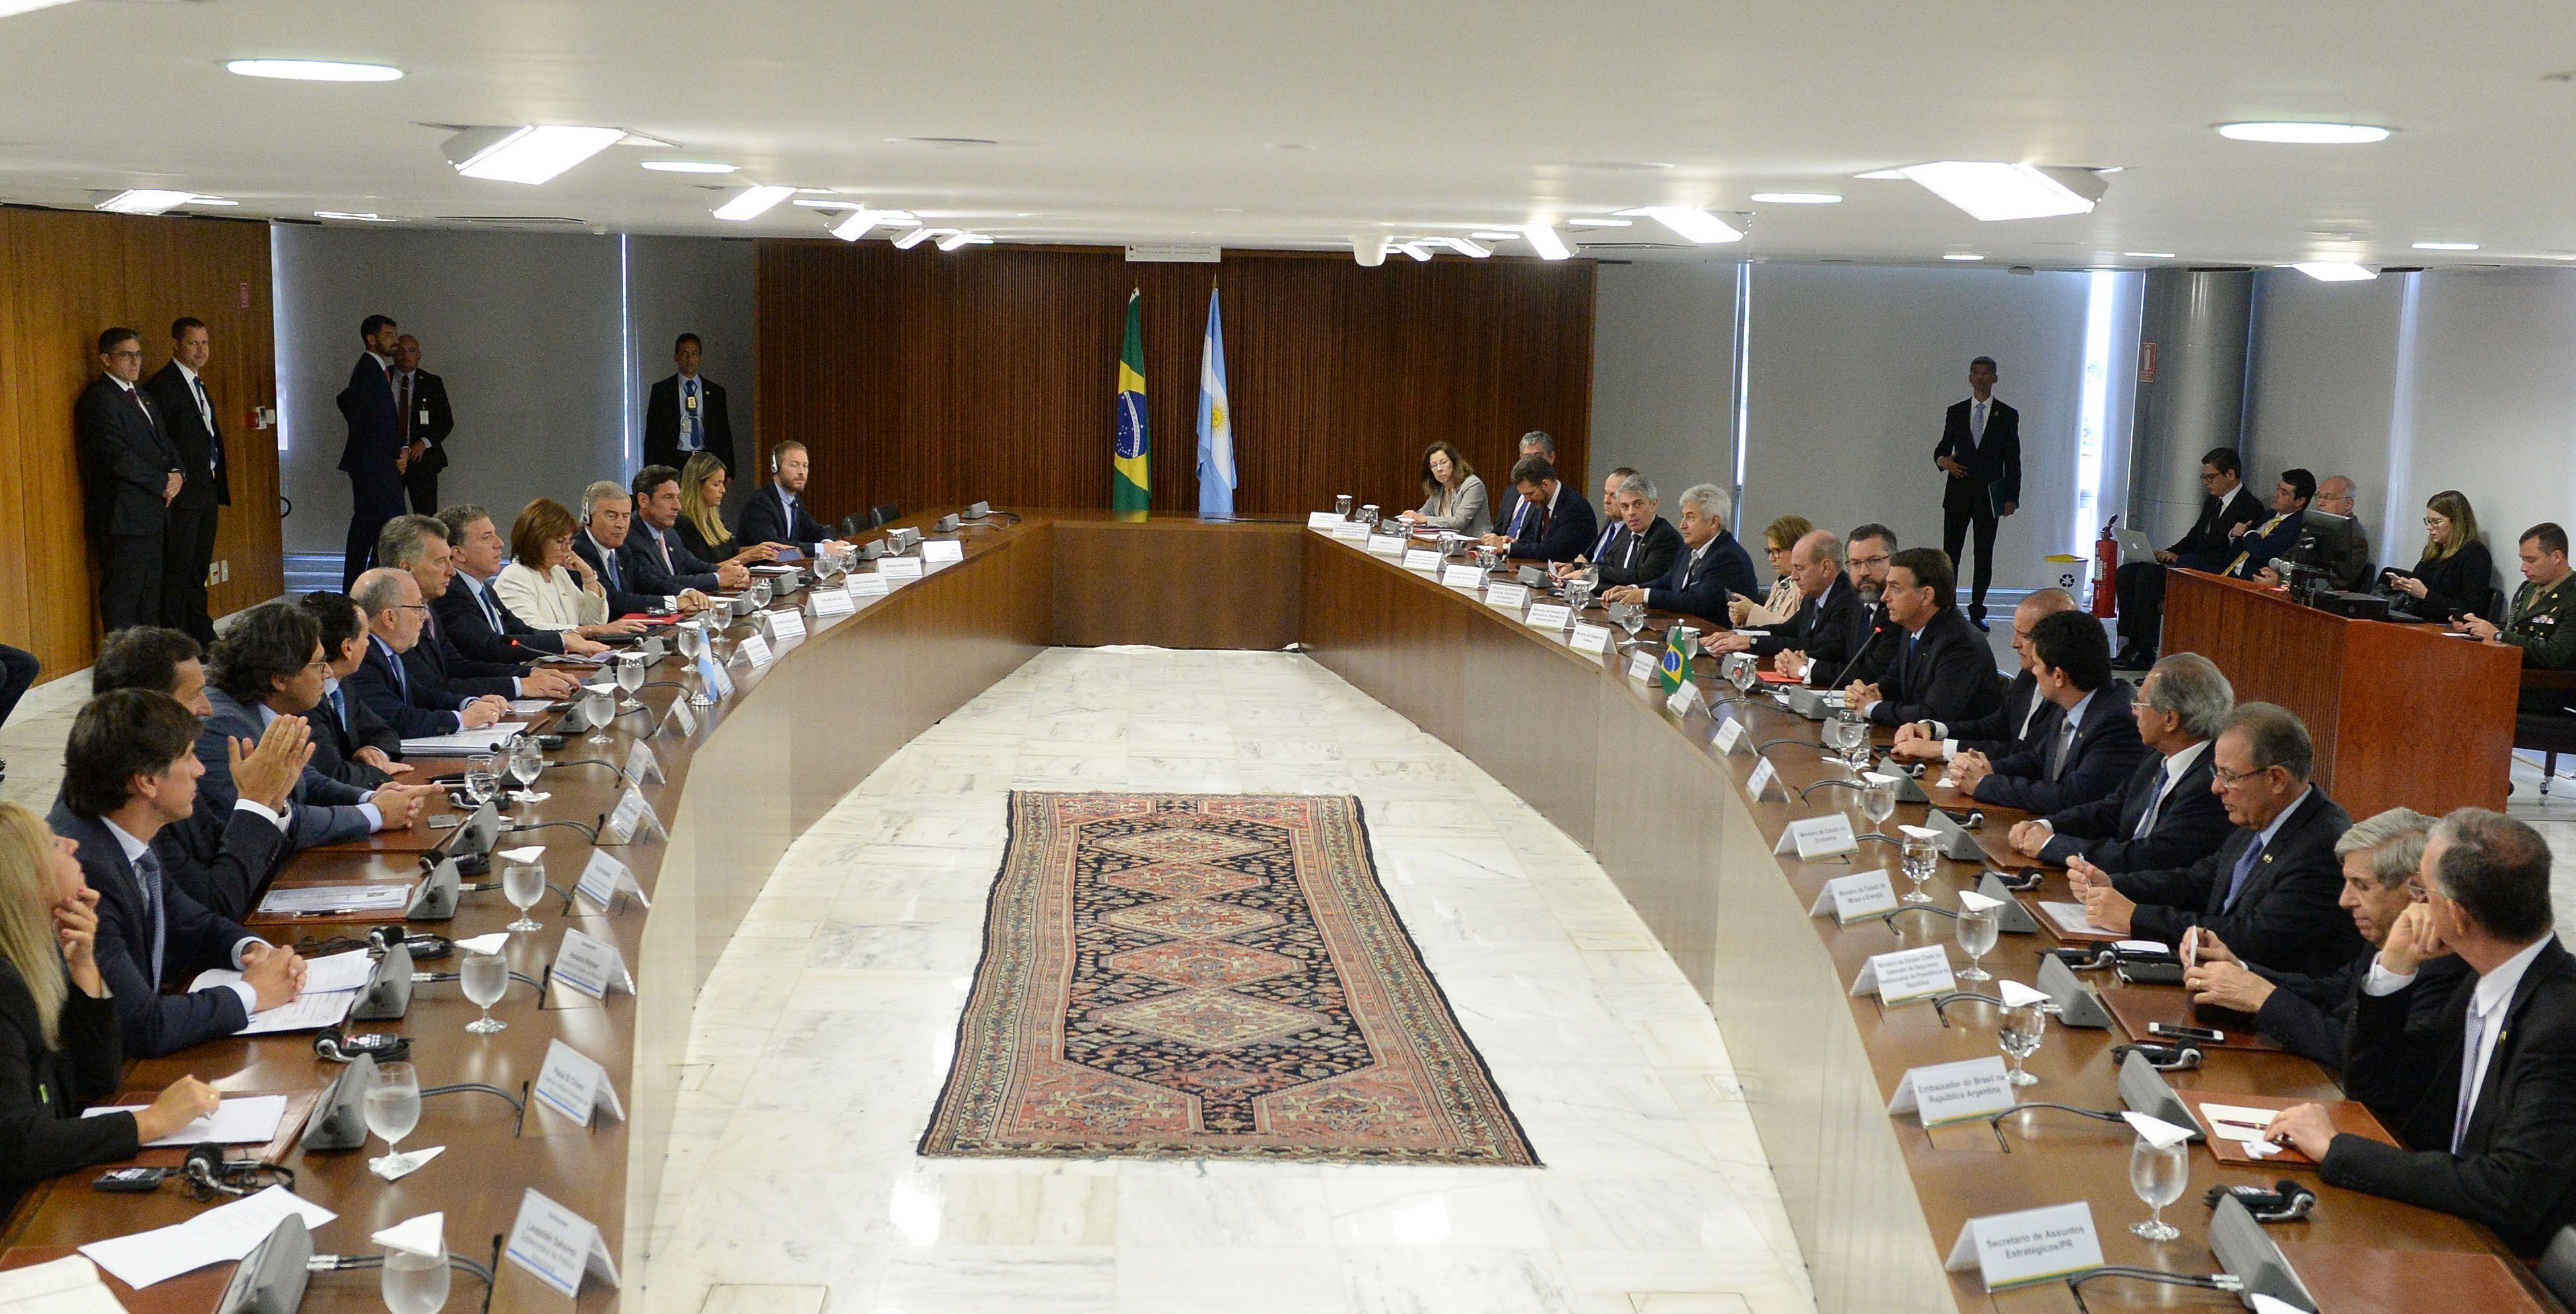 Las comitivas durante el encuentro